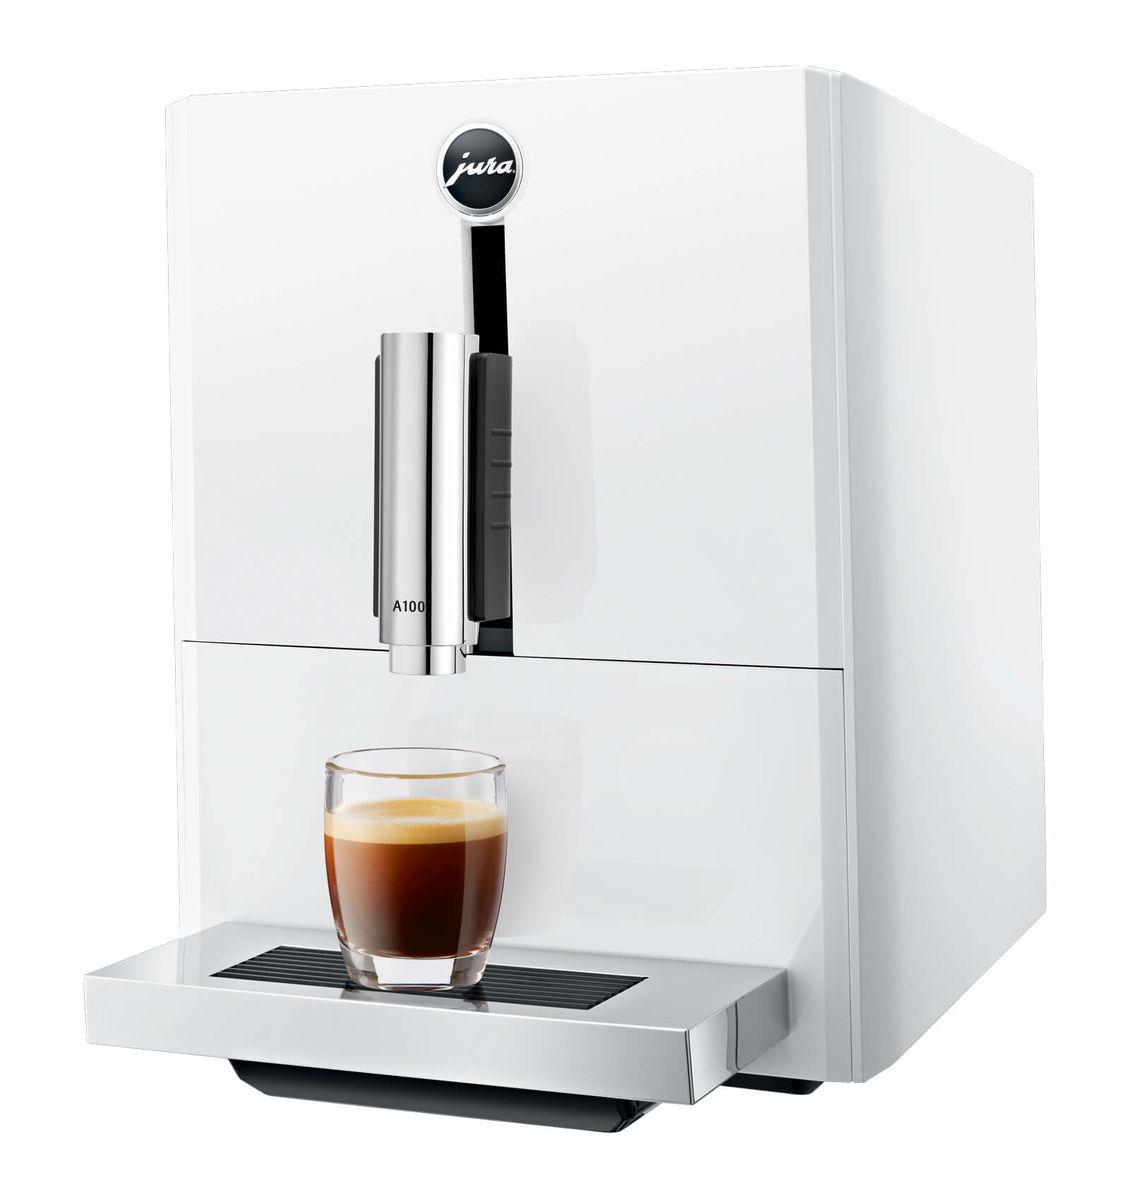 Image of JURA A100 Piano White Kaffeevollautomat